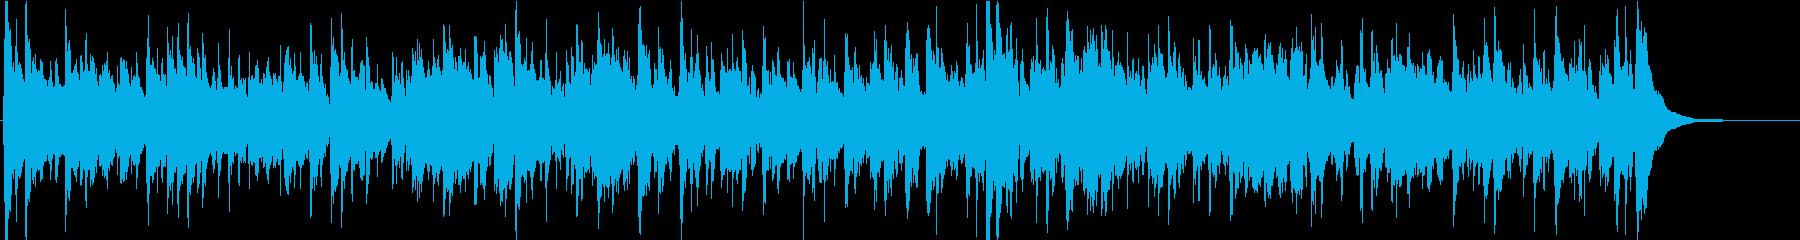 【生演奏】アコギのバッキングBGMの再生済みの波形